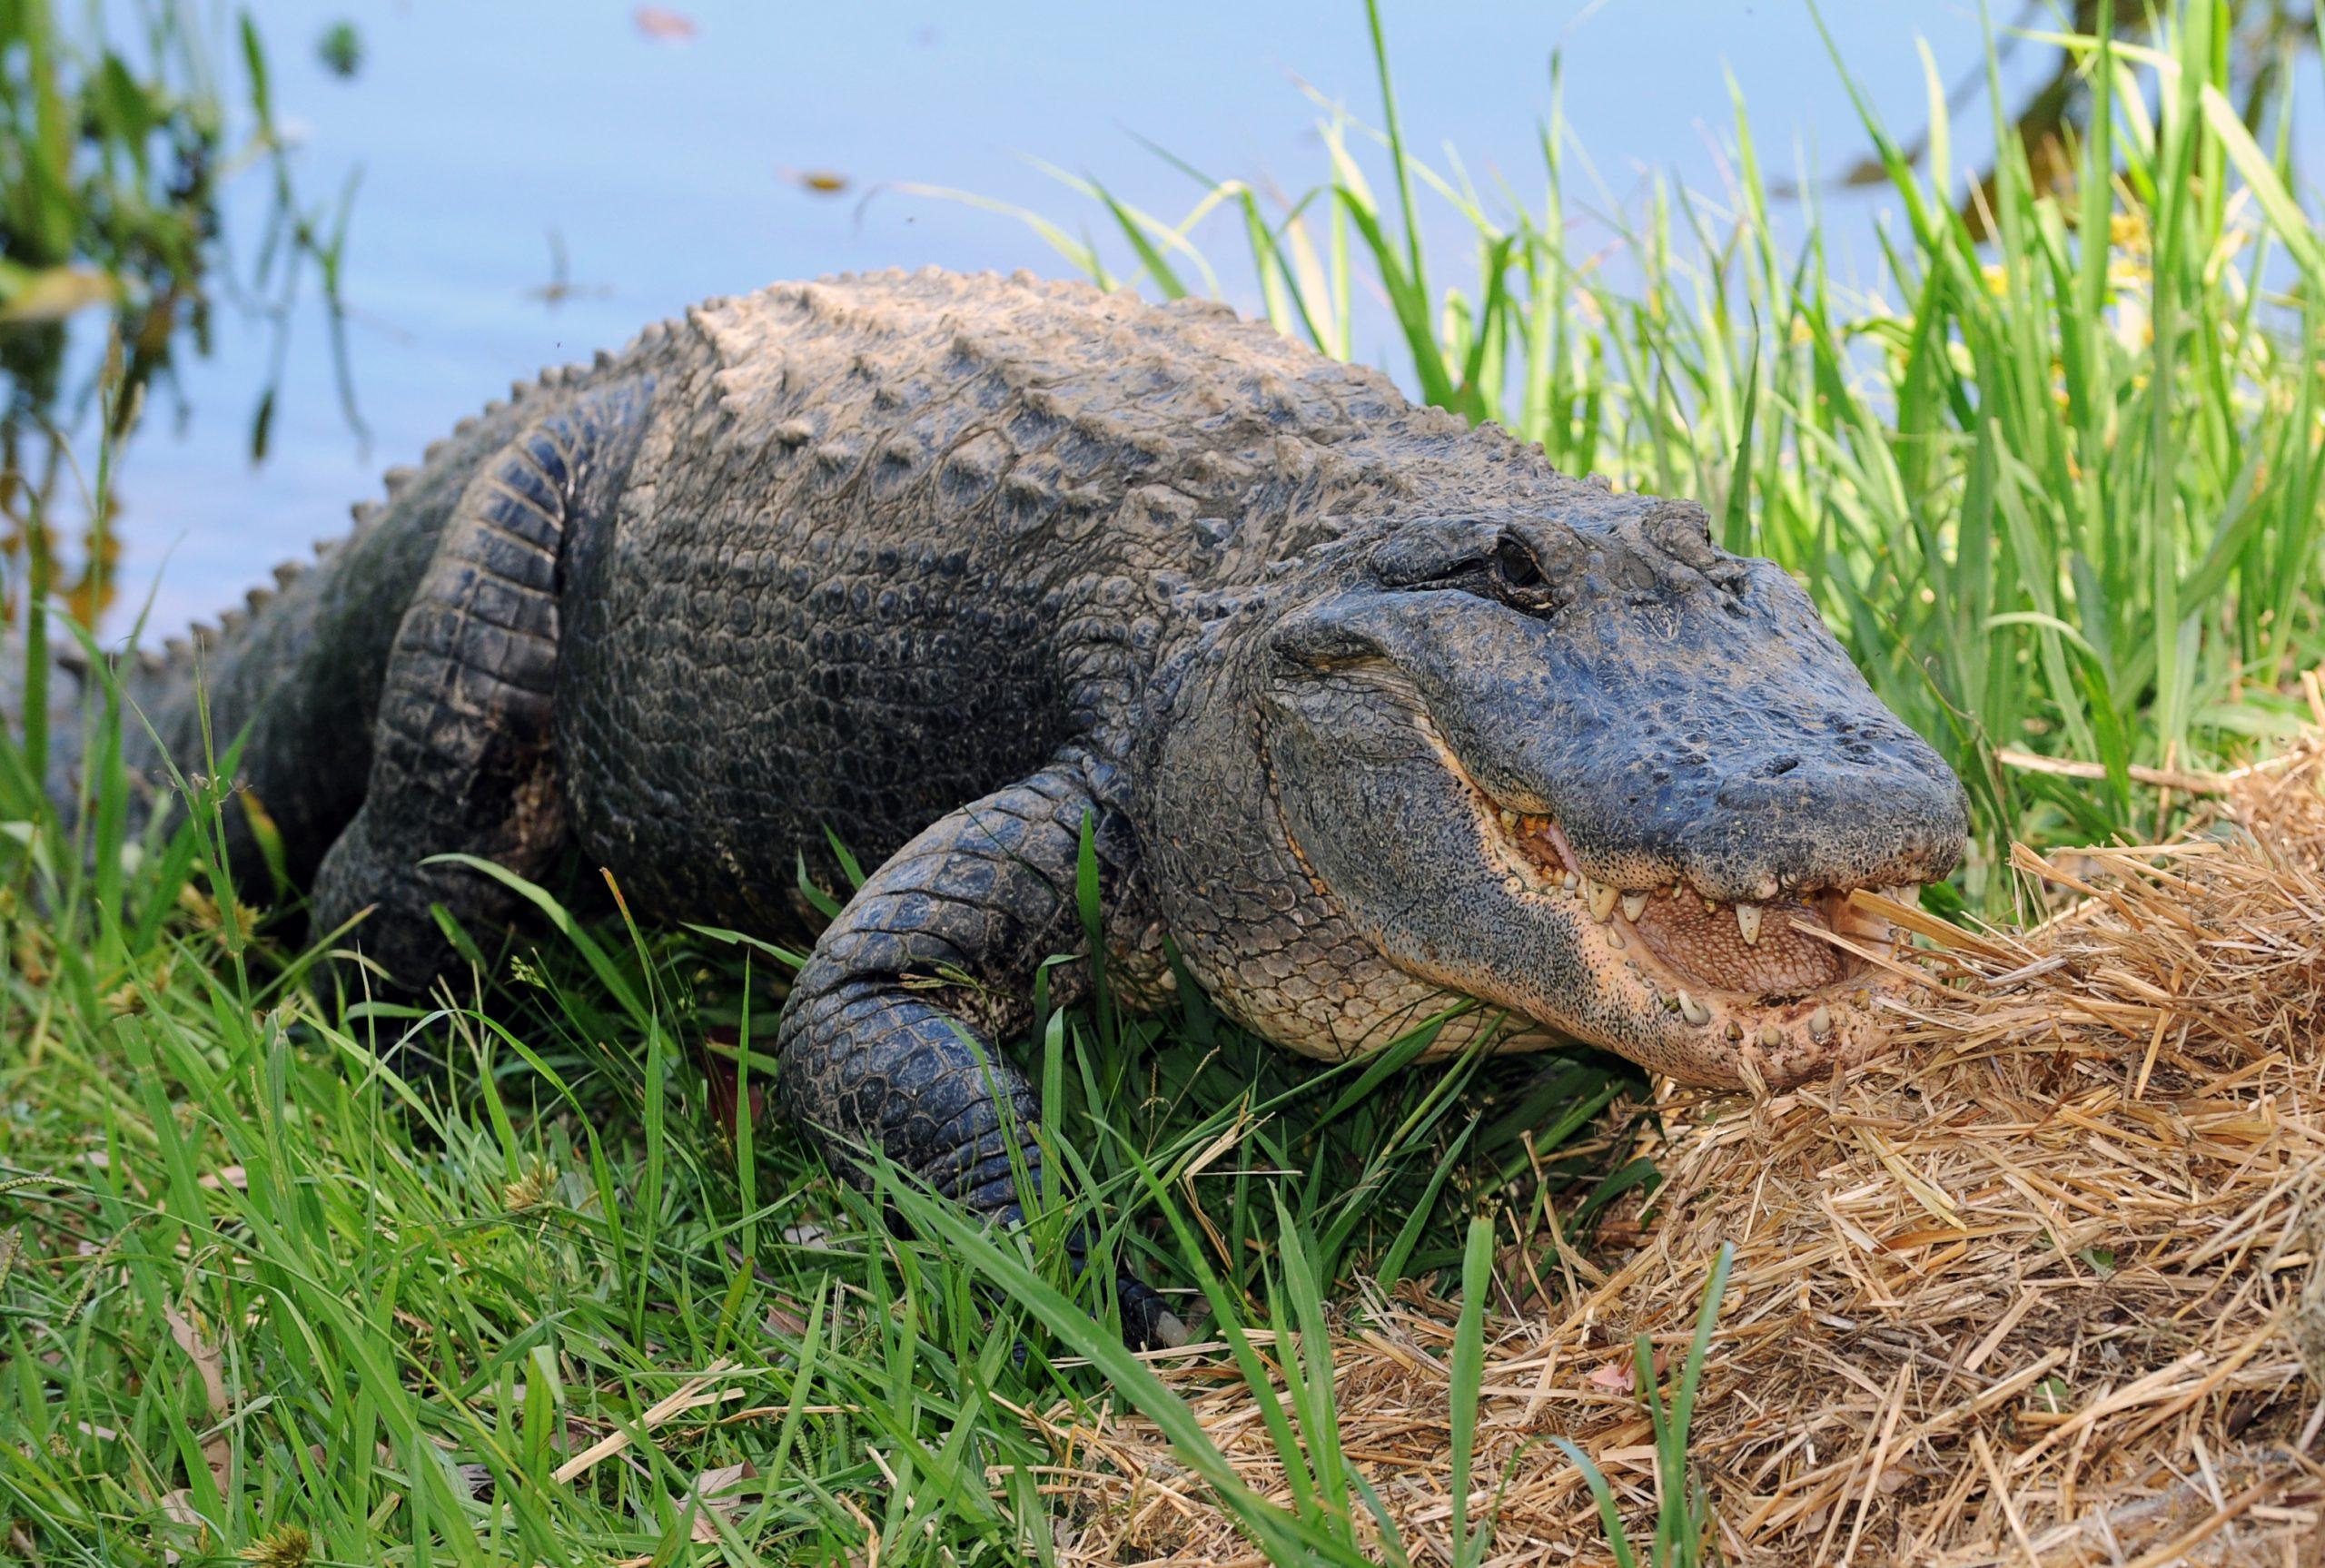 A 80 Ans, Il Combat Contre Un Alligator Dans Son Jardin intérieur Mots Gator